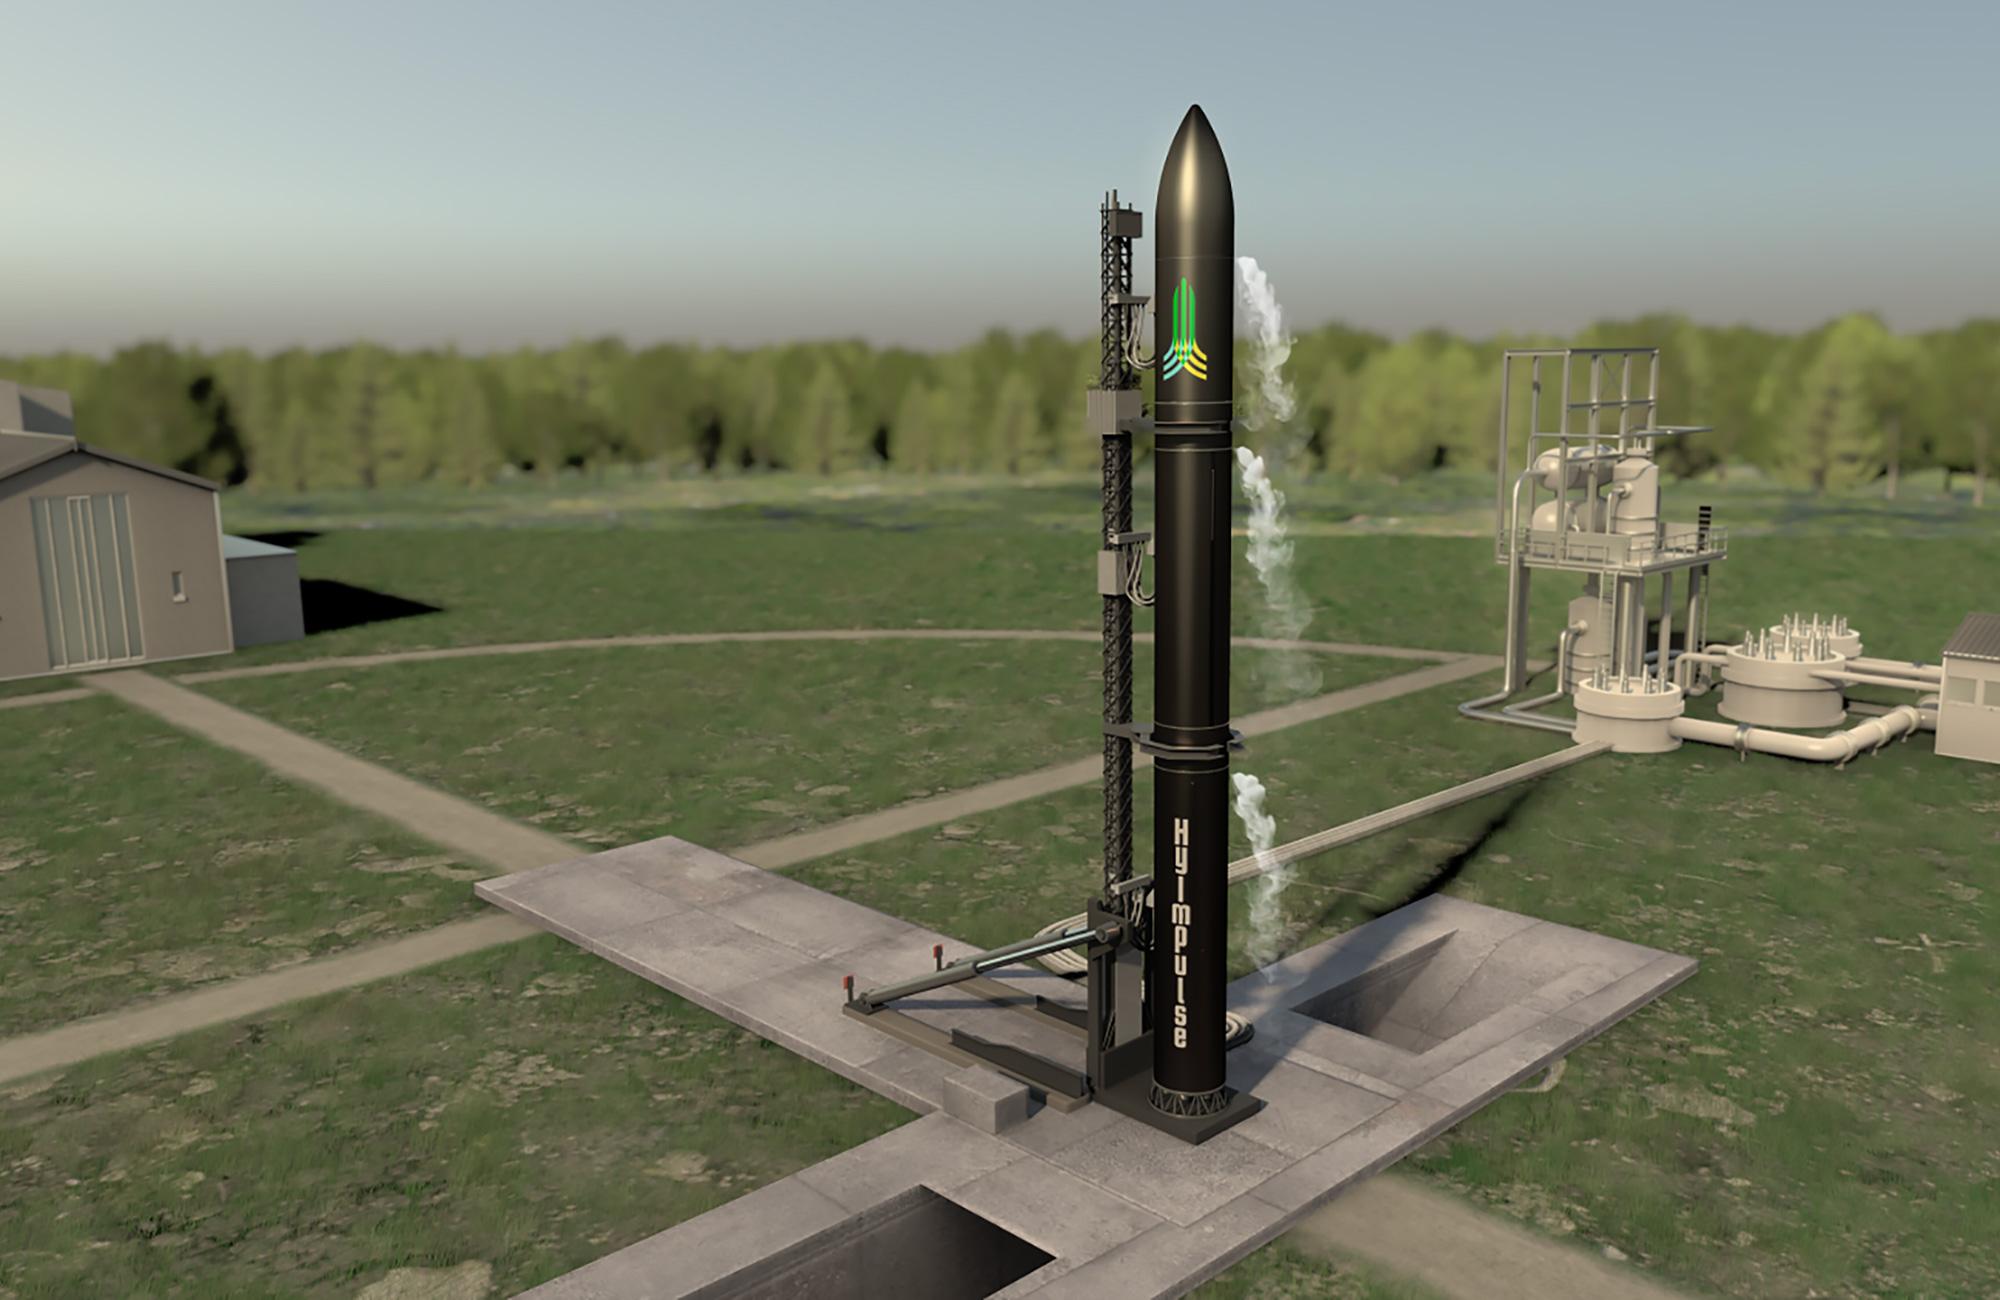 Die Kleinträgerrakete namens Small Launcher von HyImpulse